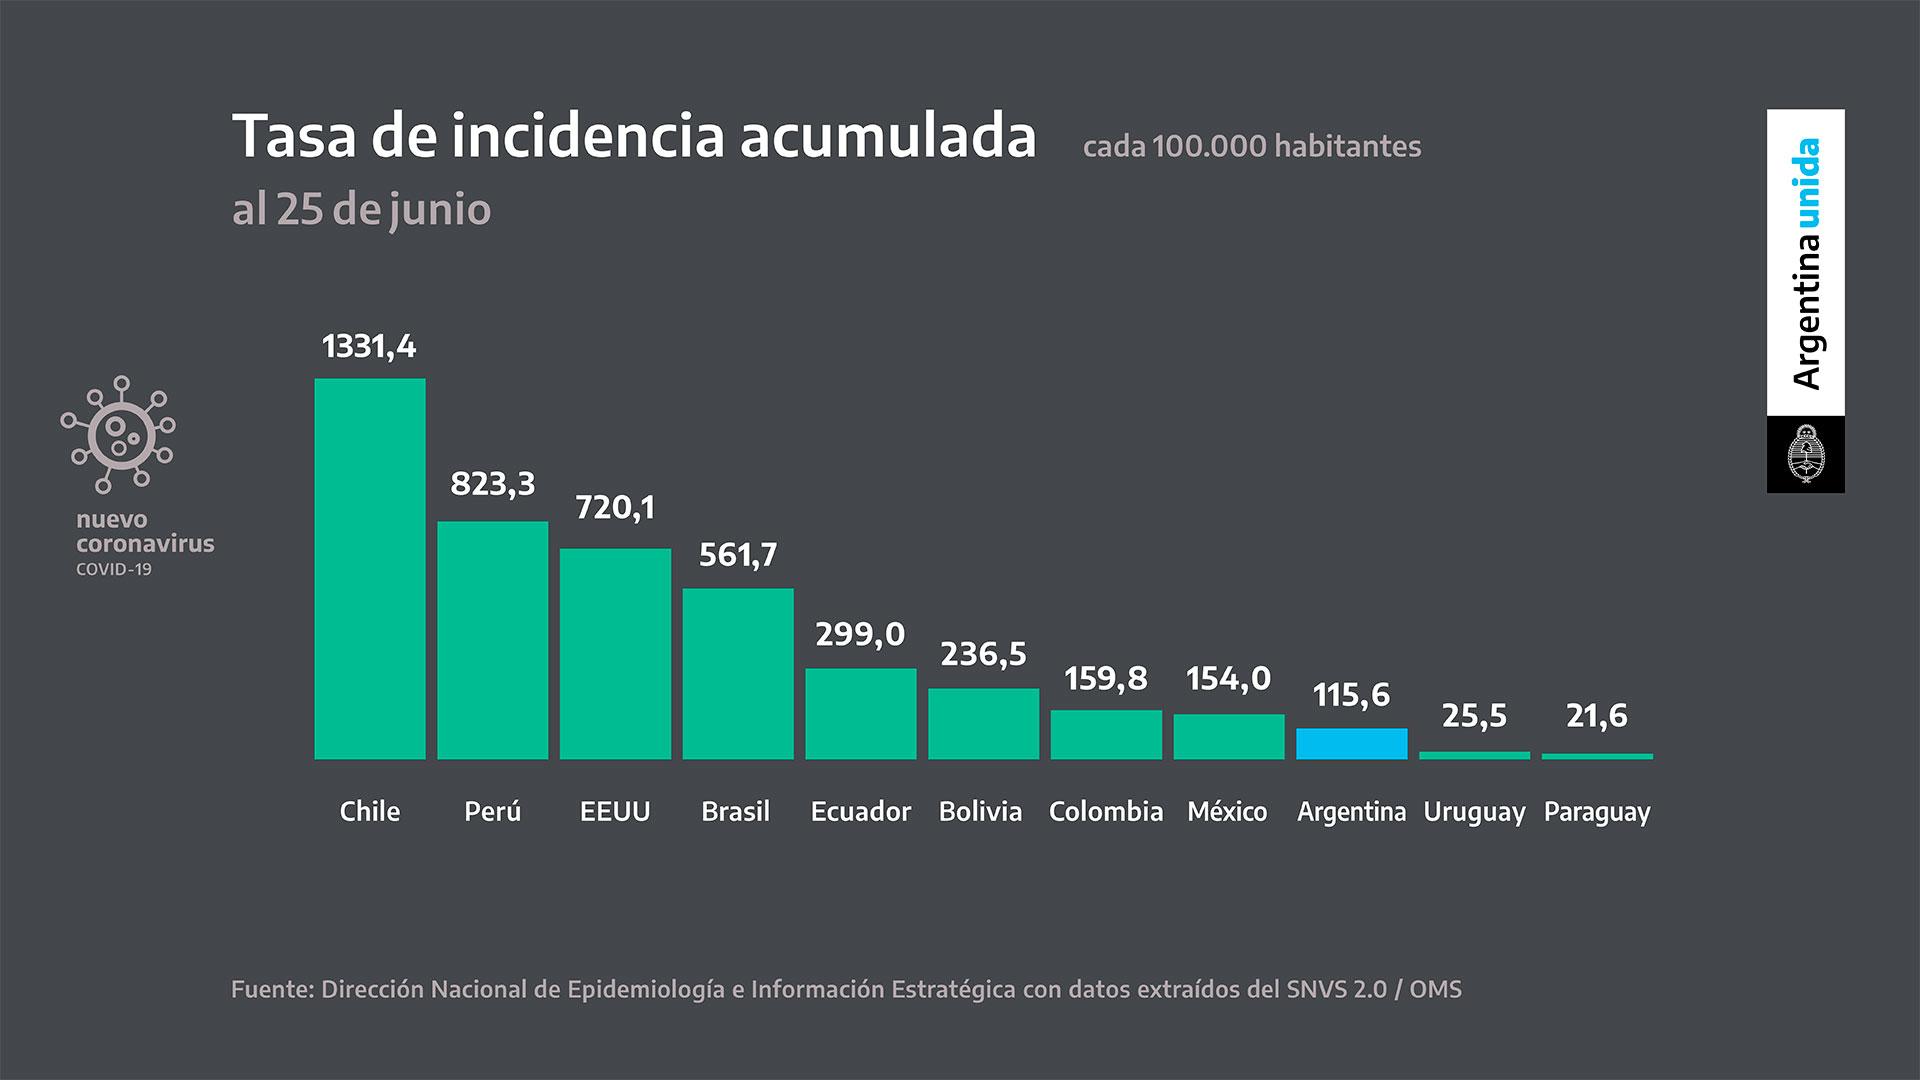 La tasa de incidencia mide cuántas personas se contagiaron cada 100 mil habitantes. La tasa en Argentina es de 115,6, mientras que en Chile alcanza 1331,4 y en Perú, 823,3